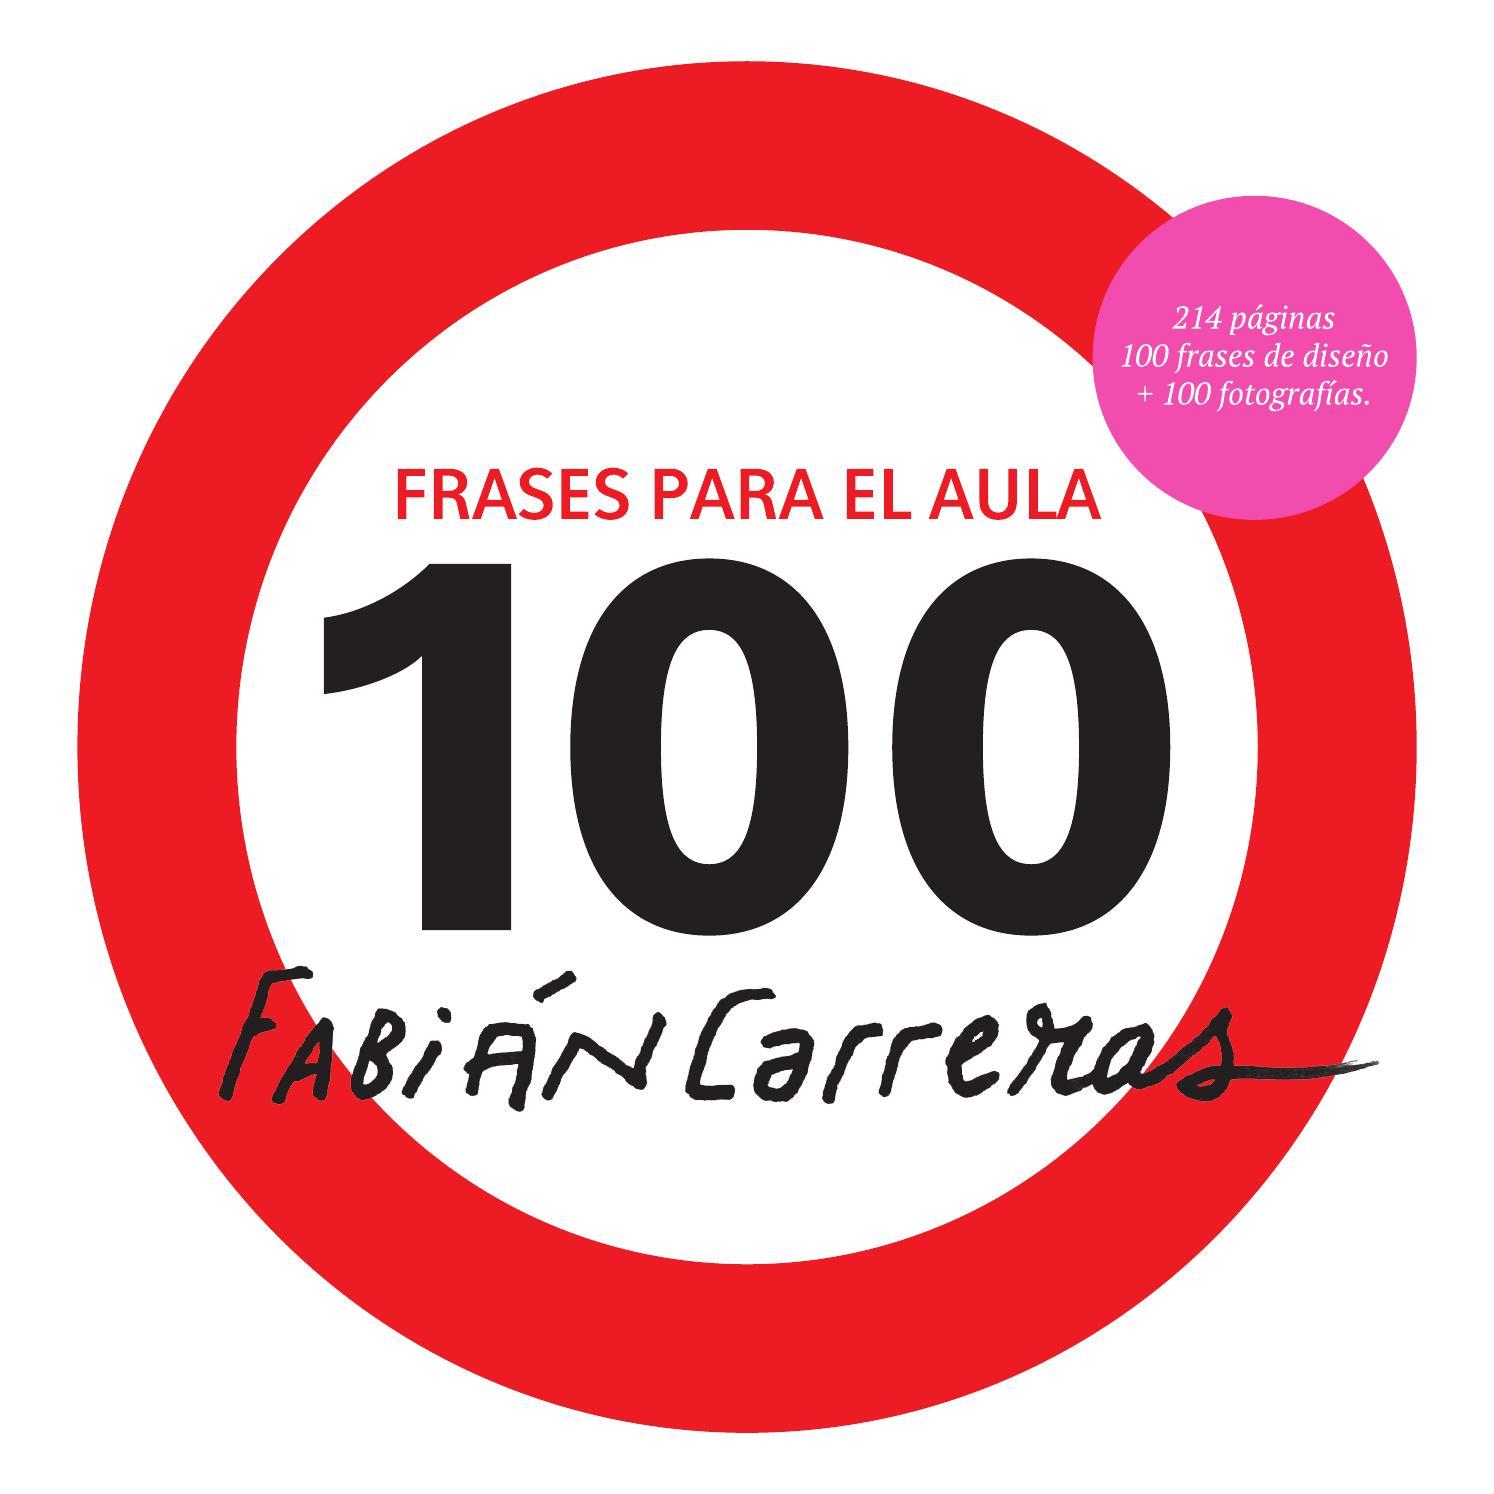 100 Frases Para El Aula Fabián Carreras By Fabián Carreras